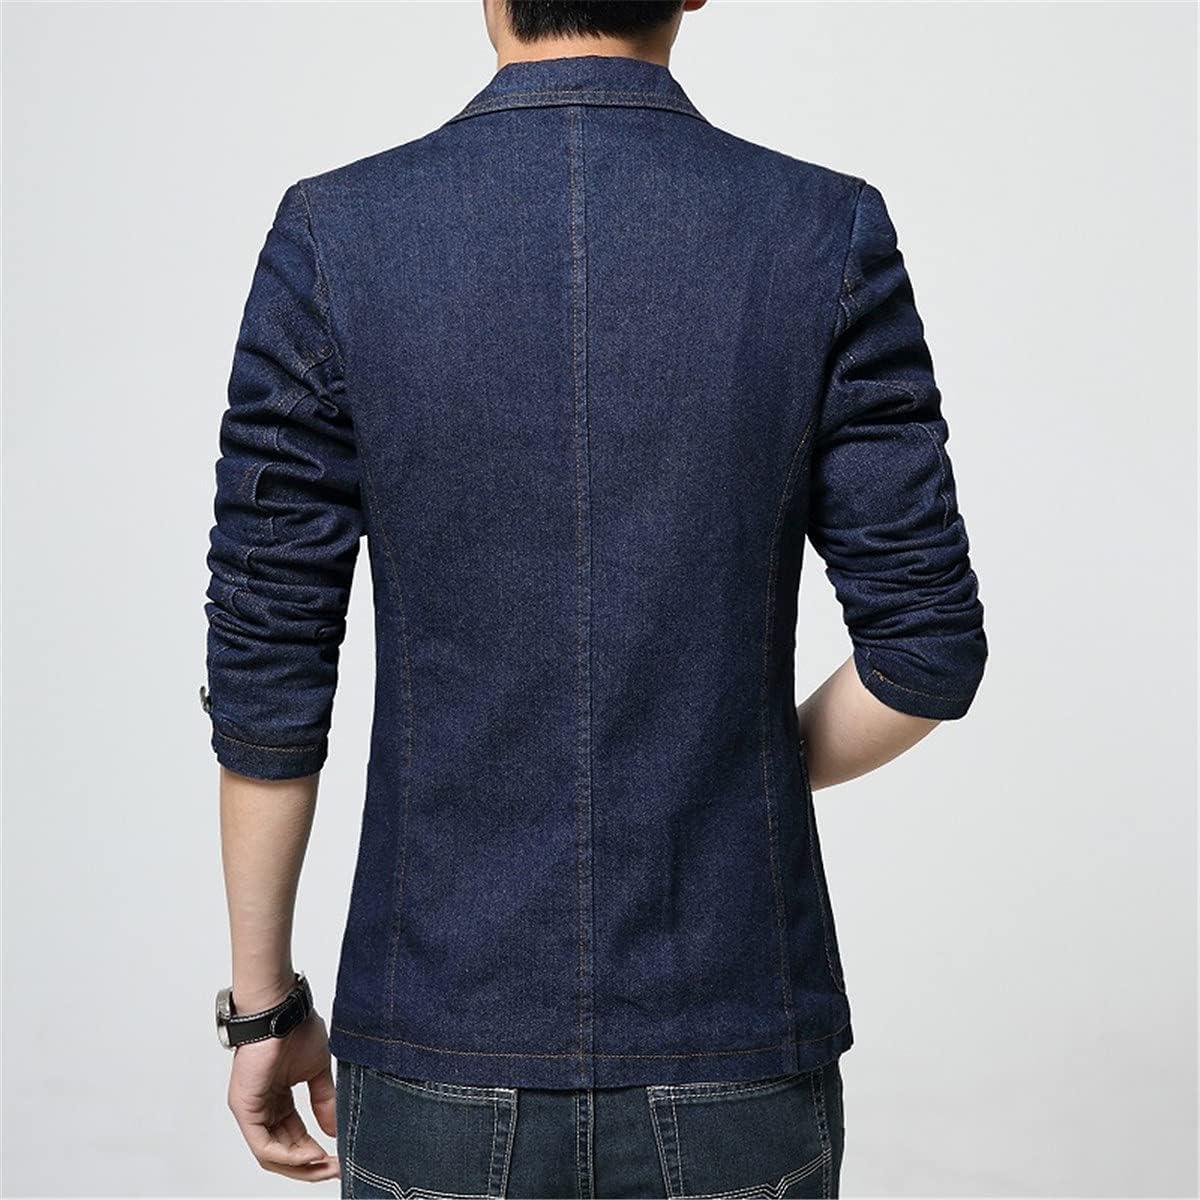 Men's 1 Buttons Denim Jackets Casual Business Suits Blazer